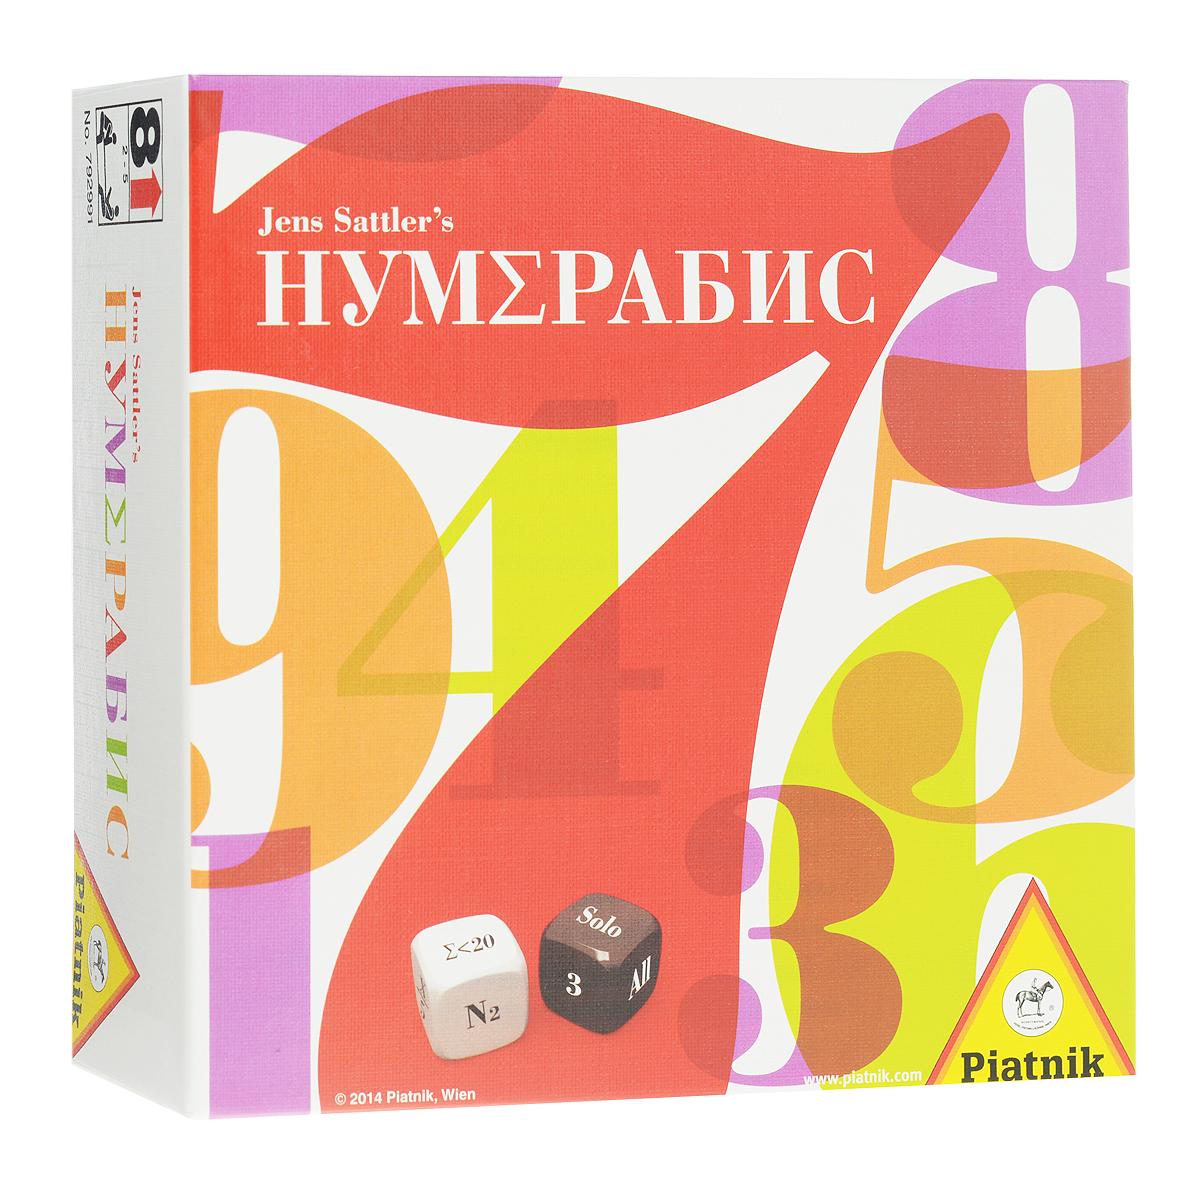 Настольная игра Piatnik Нумерабис792991Настольная игра Piatnik Нумерабис отлично подойдет для того, чтобы в веселой соревновательной форме закрепить знания простейших математических правил, а заодно потренировать память и навыки счета. В комплект игры входит: 49 карточек с числами от 1 до 49, два кубика, лист с наклейками на кубик, правила игры на русском языке. Используйте черный кубик для того, чтобы выбрать один из 3 вариантов игры, и белый кубик для того, чтобы выбрать задание. Выполняйте правильно задания, собирайте как можно больше карточек и станьте настоящим чемпионом и повелителем цифр в настольной игре Нумерабис!